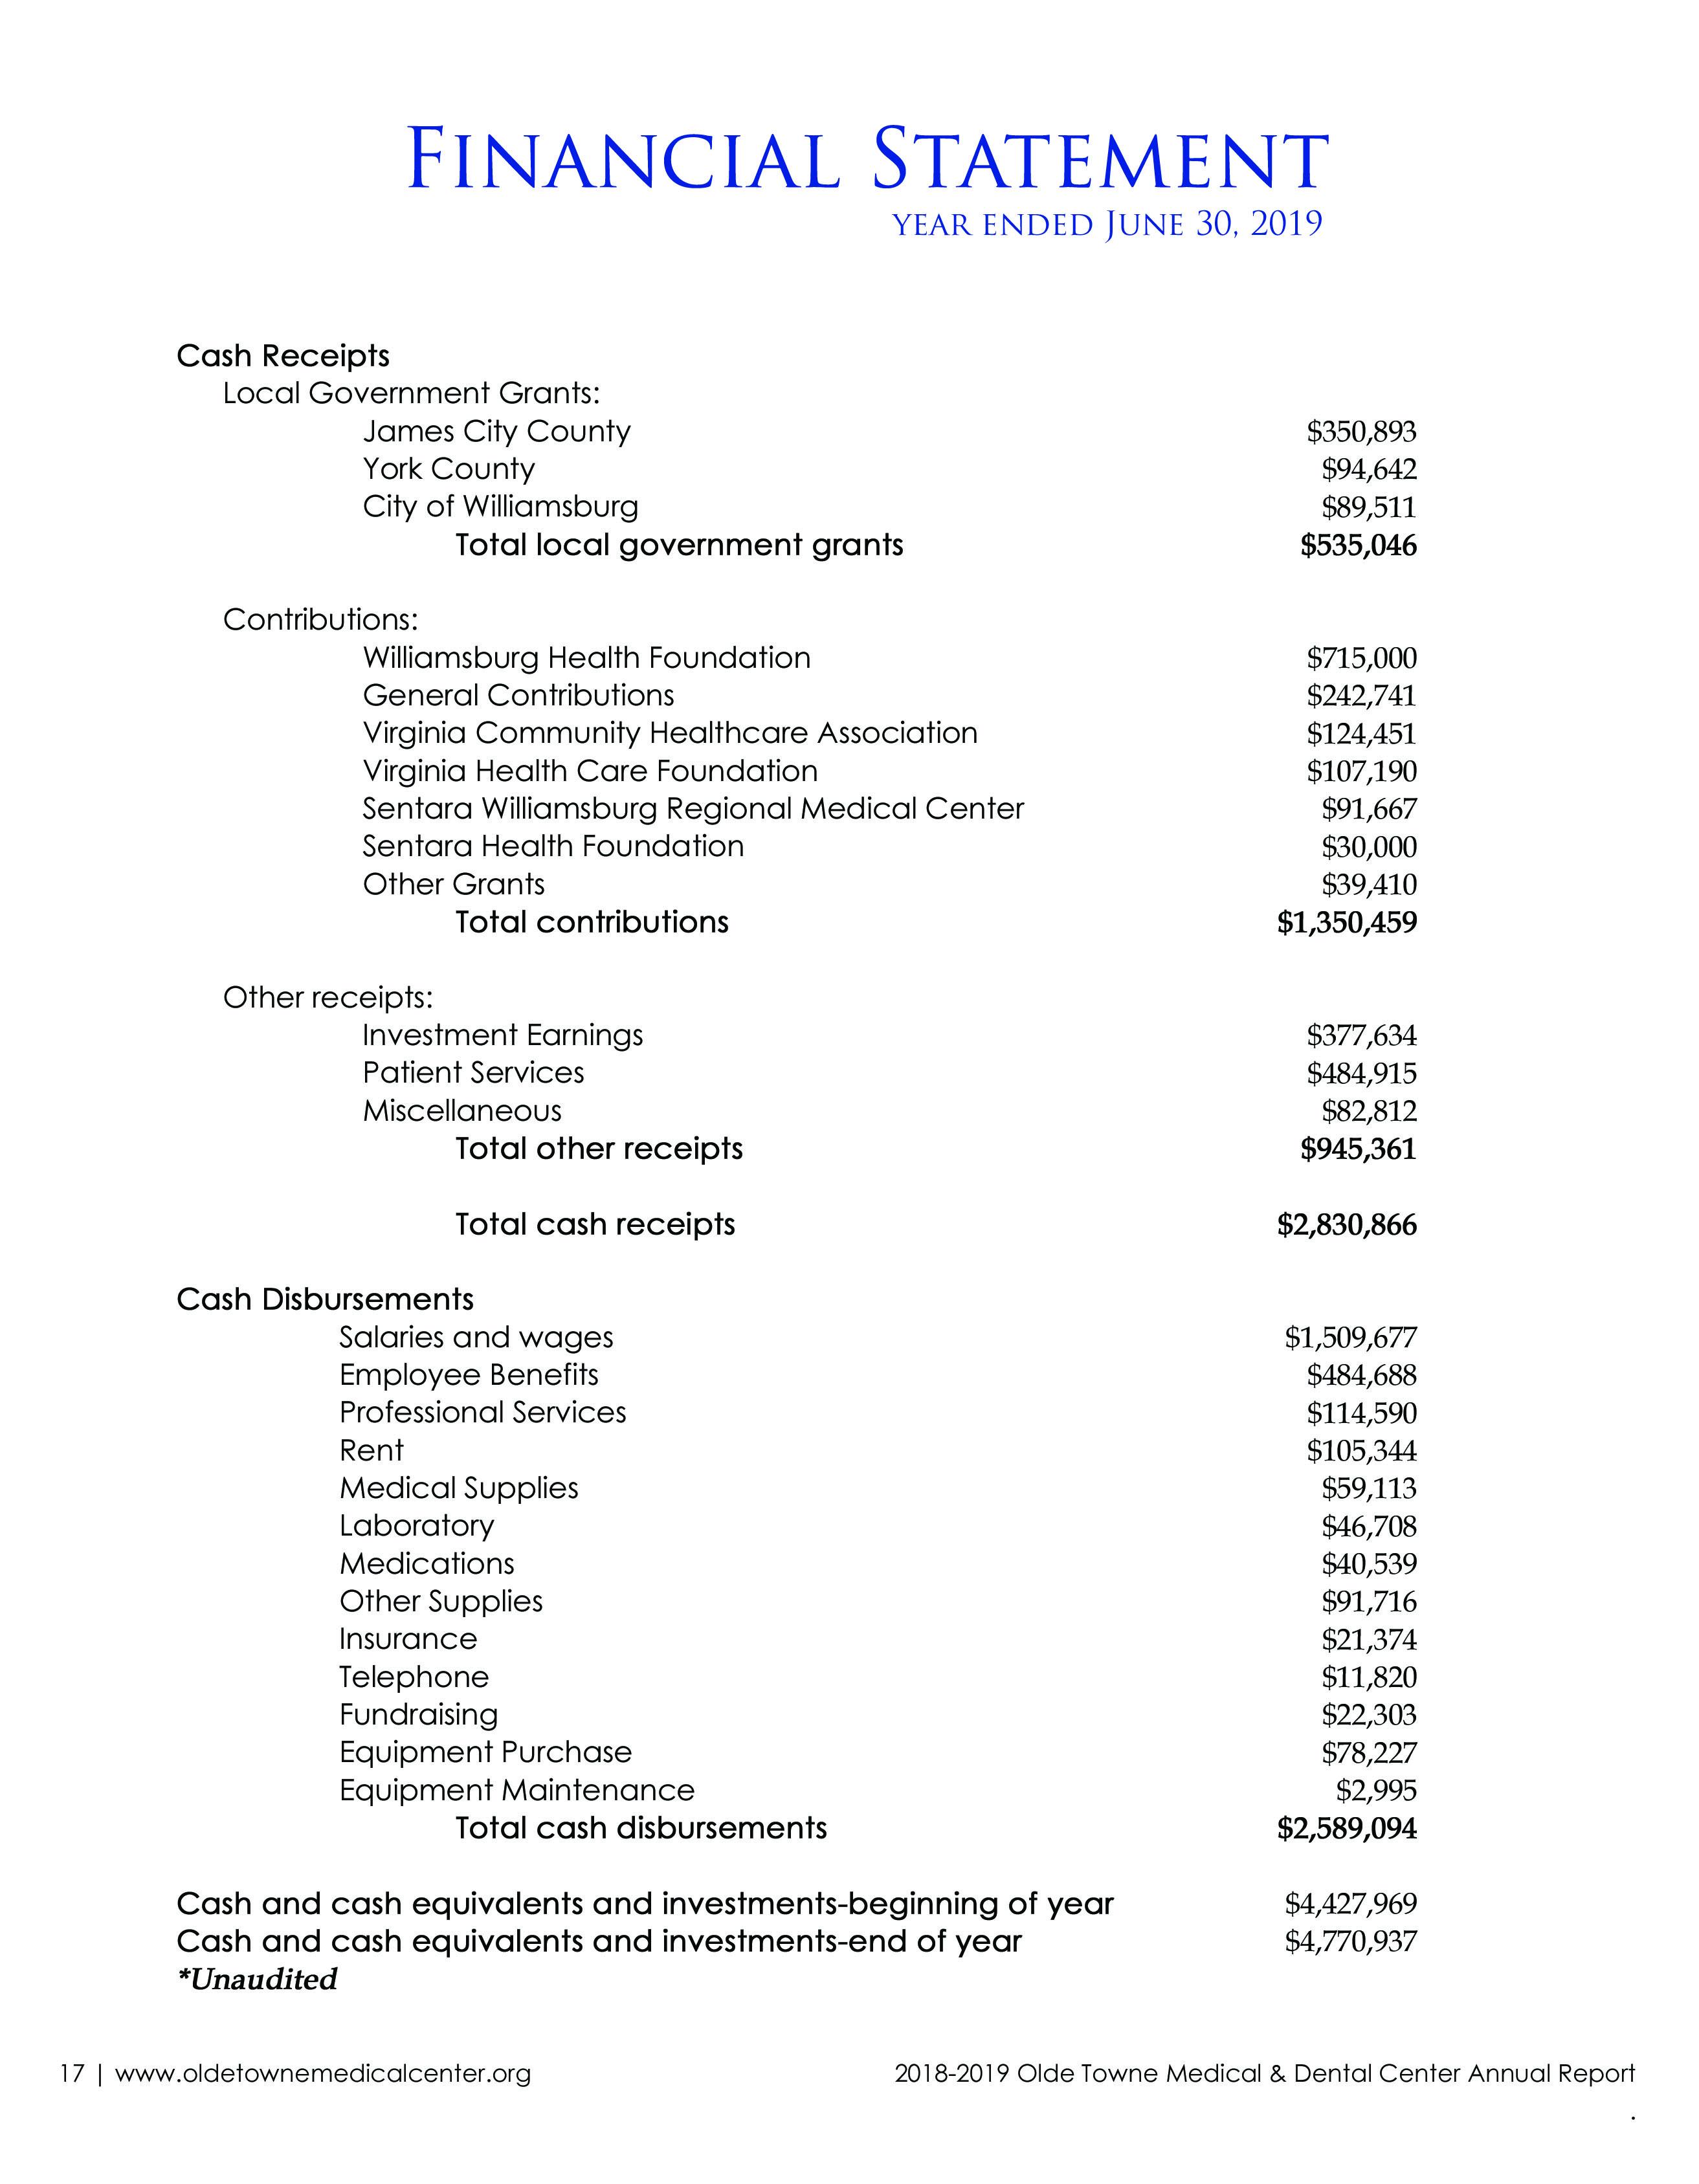 18 Financial Statement 18(18-19)